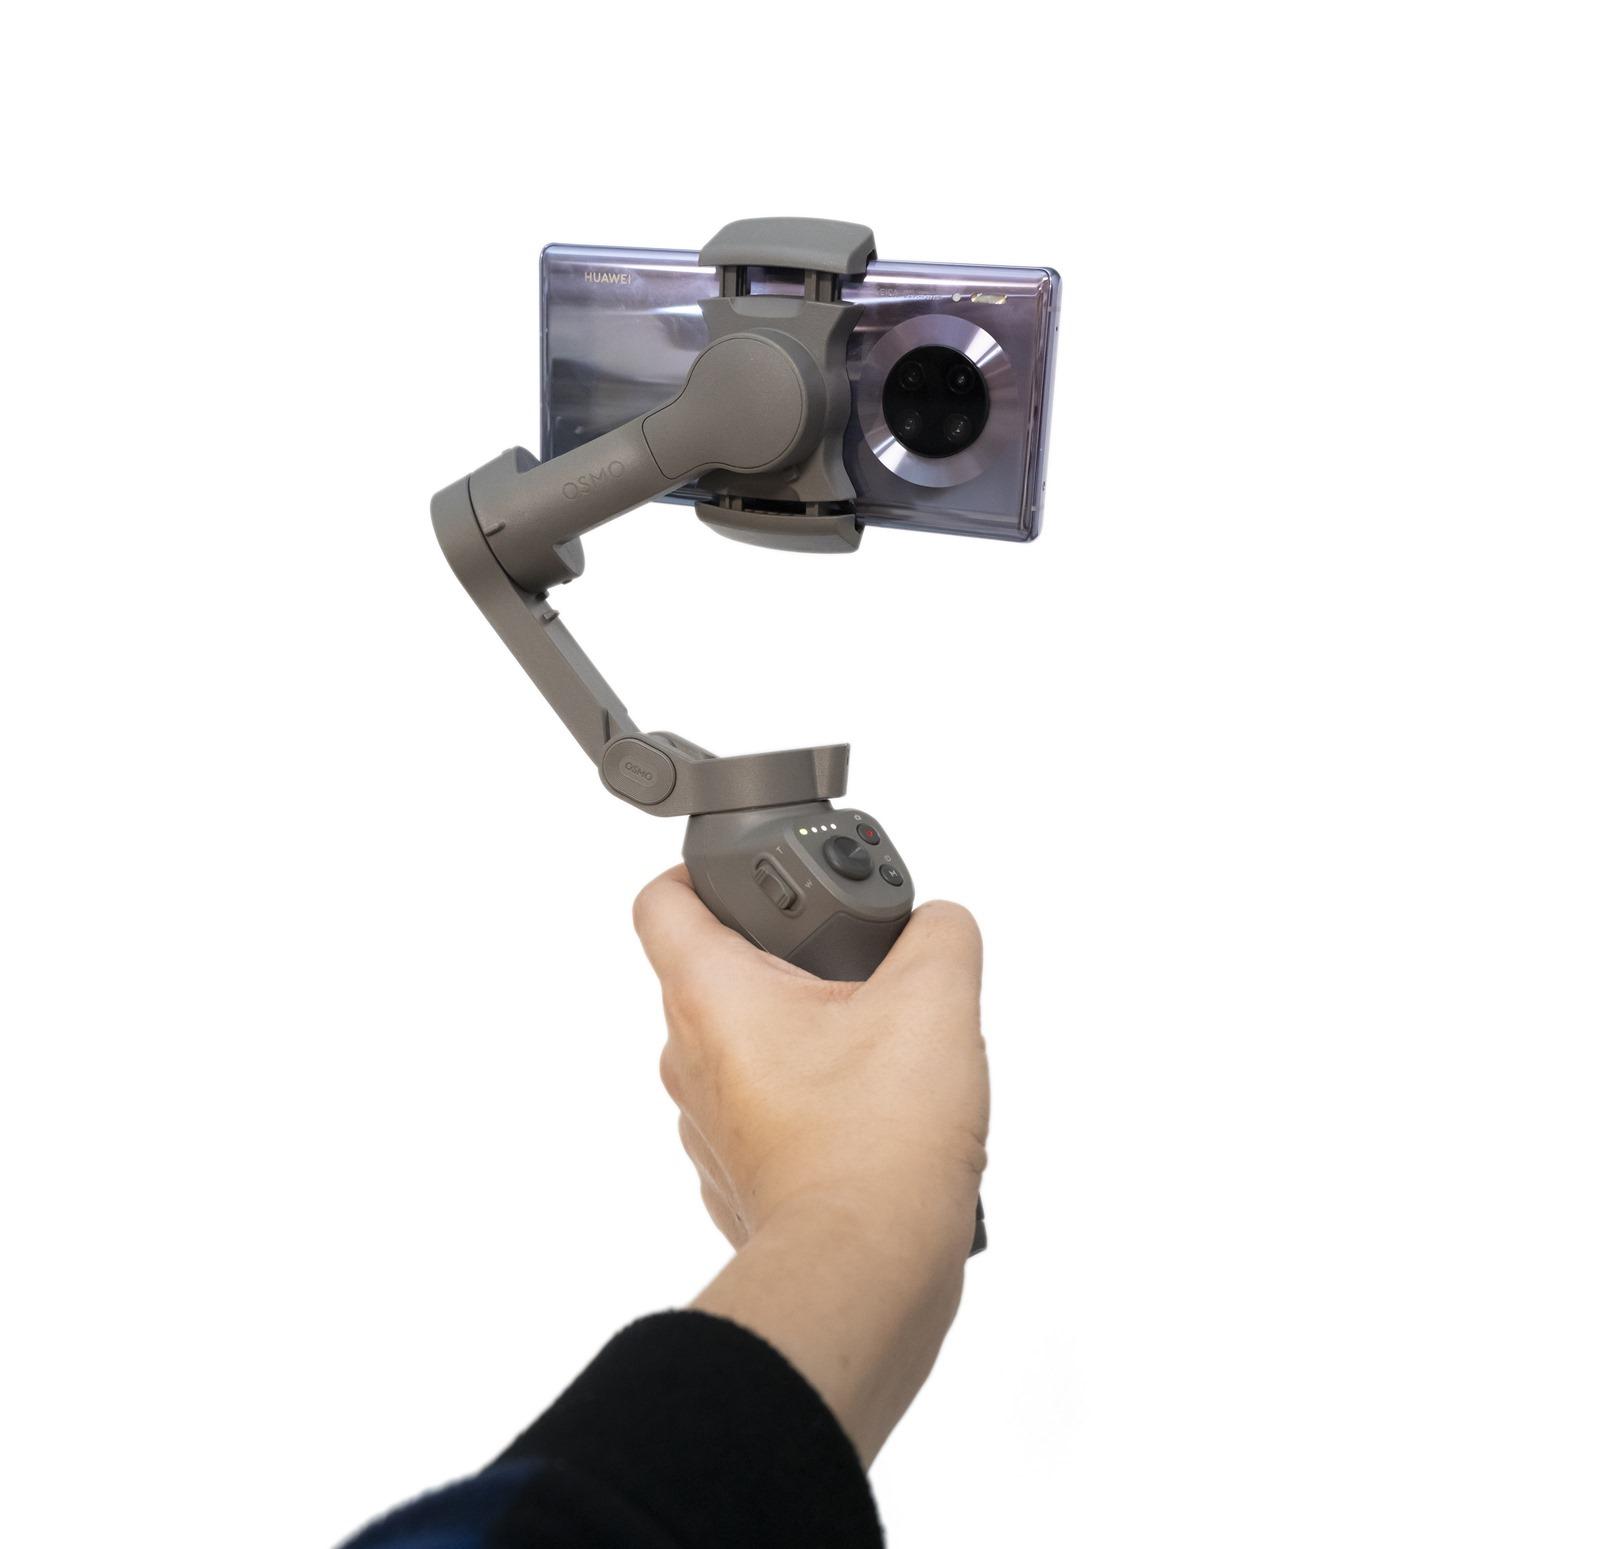 持續挑戰最強!HUAWEI Mate30 Pro 四鏡頭徠卡旗艦完整評測(開箱 / 性能電力 / 相機實測)@3C 達人廖阿輝